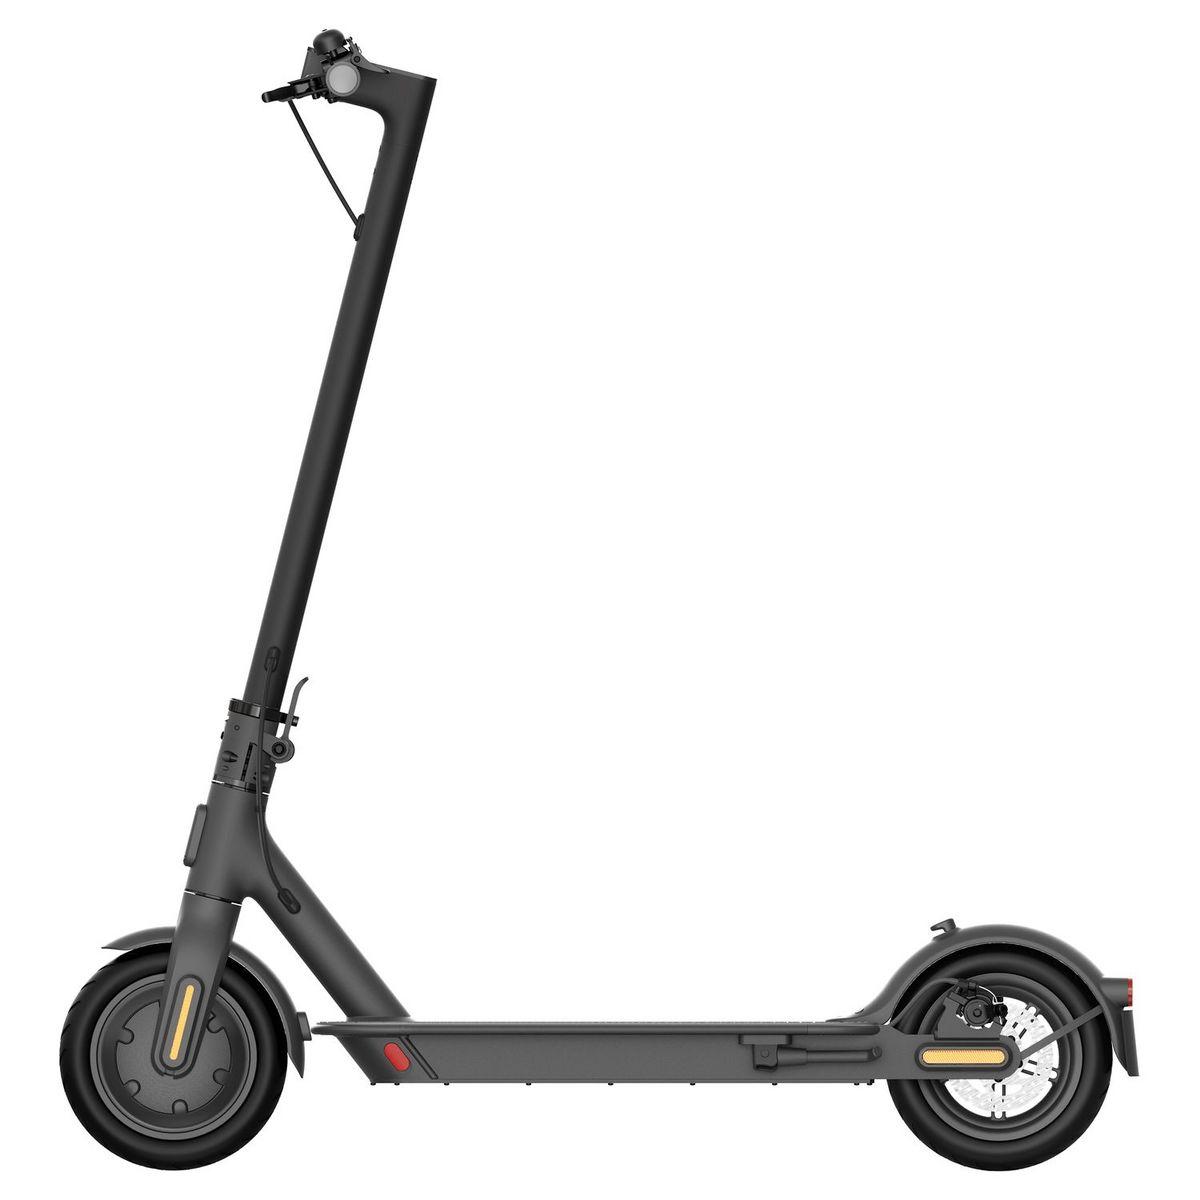 Trottinette électrique Mi Electric Scooter Essential - Gris/Jaune